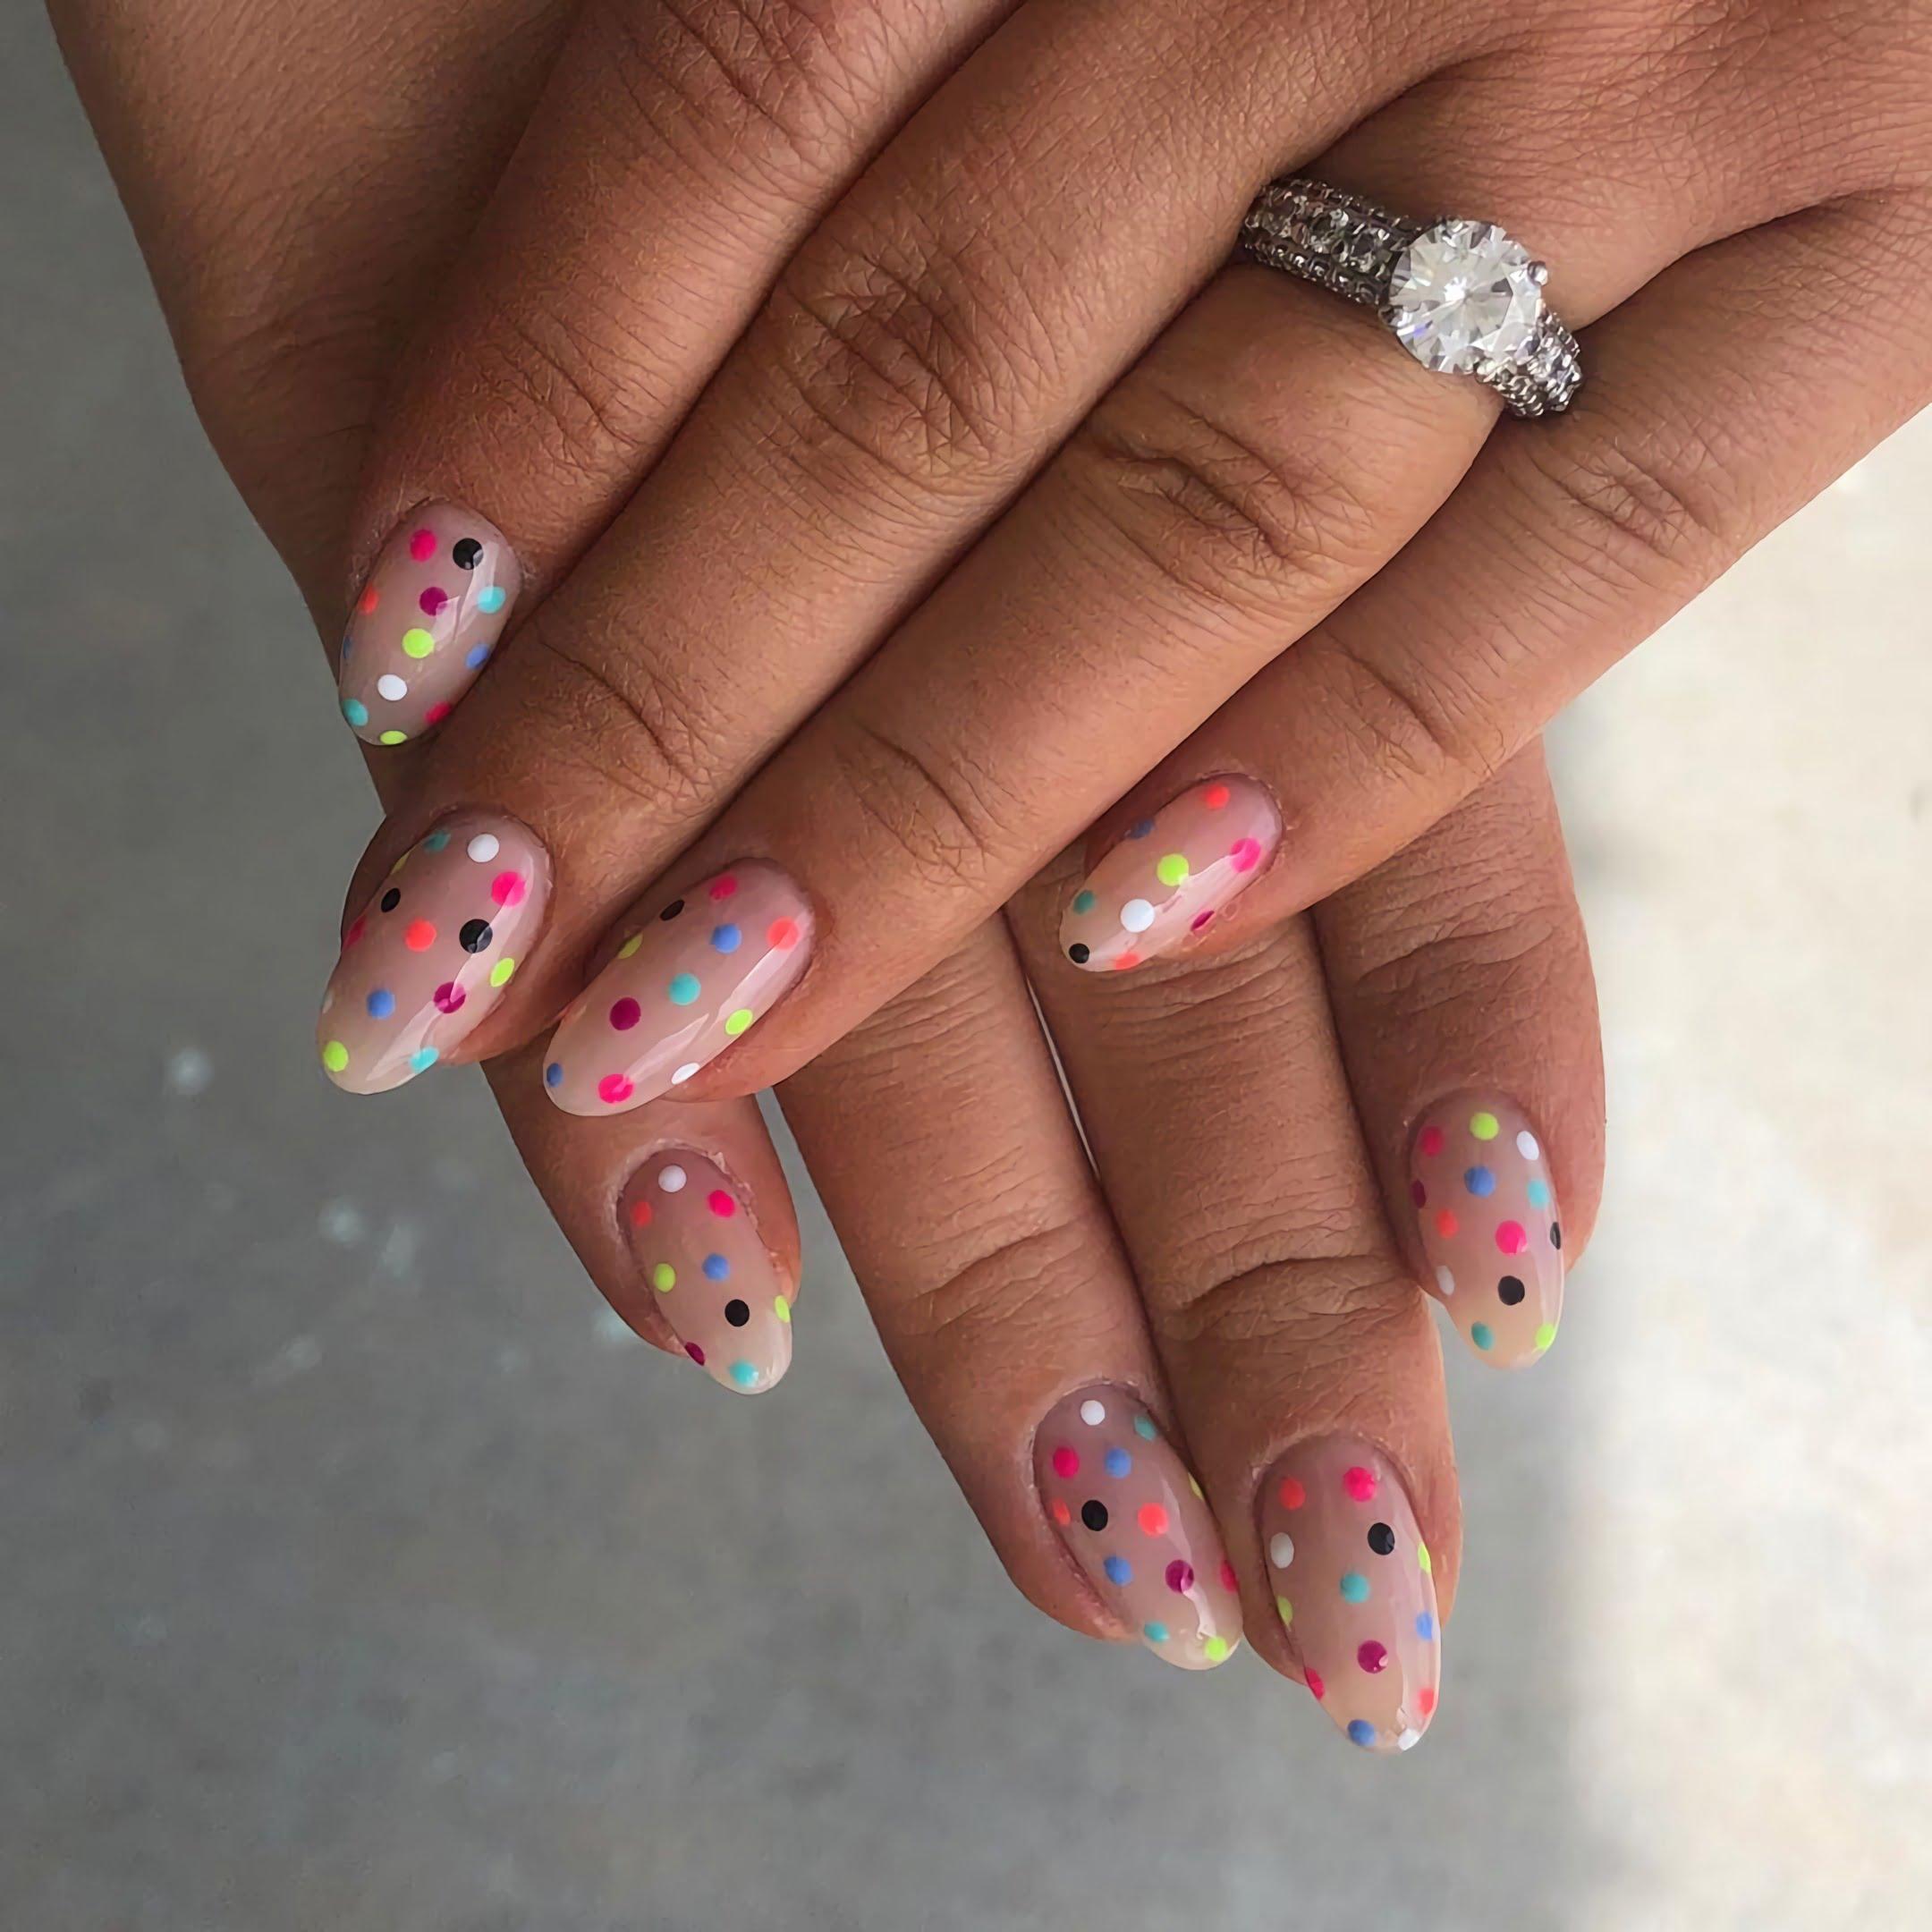 модные круглые ногти с разноцветными точками